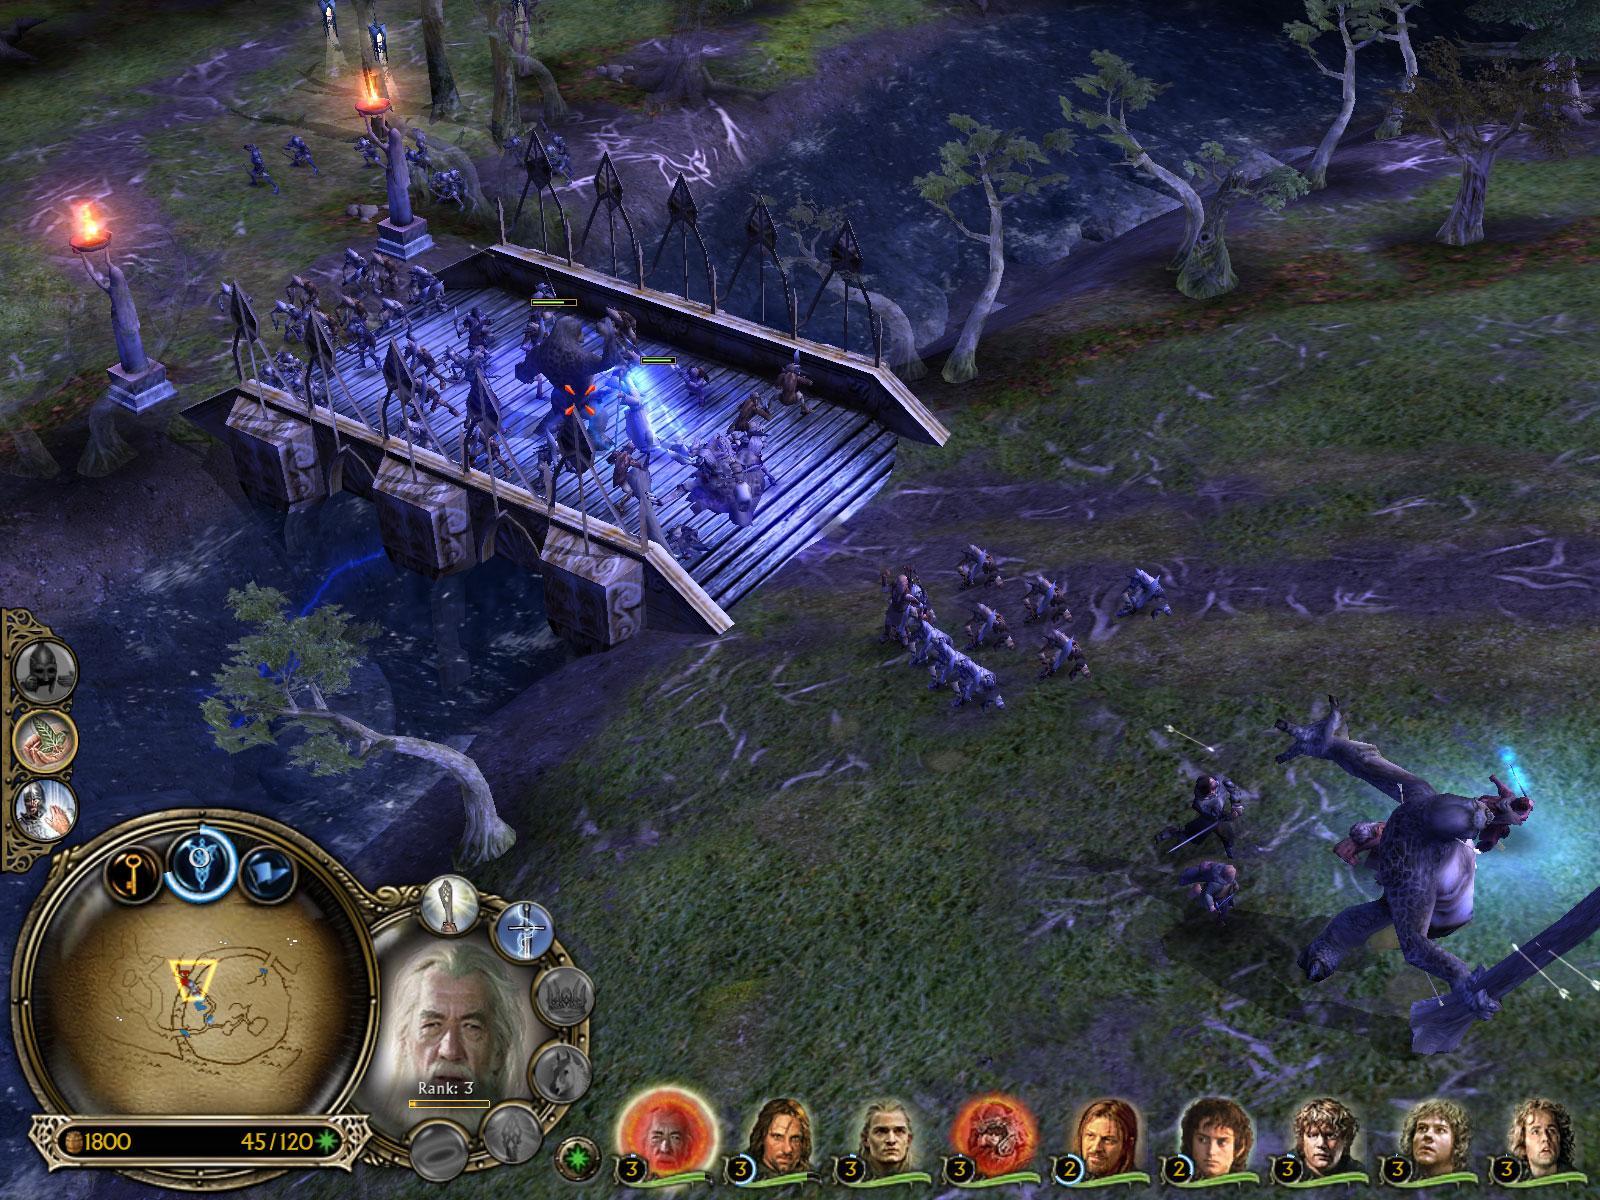 Herr der Ringe Games - Die Schlacht um Mittelerde - Die Gefährten auf der Flucht